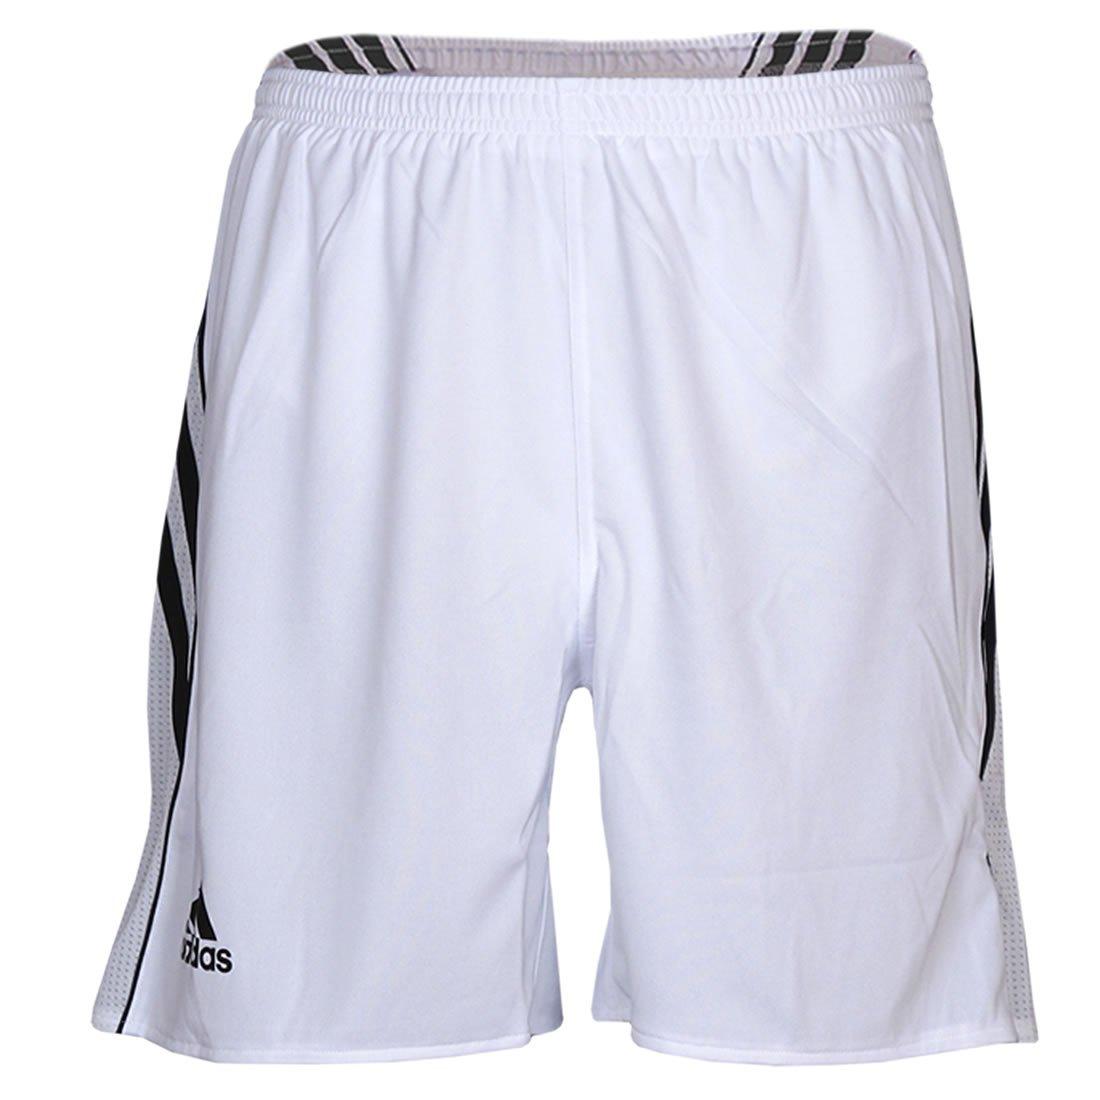 Adidas GER Fed Short Shorts MP White